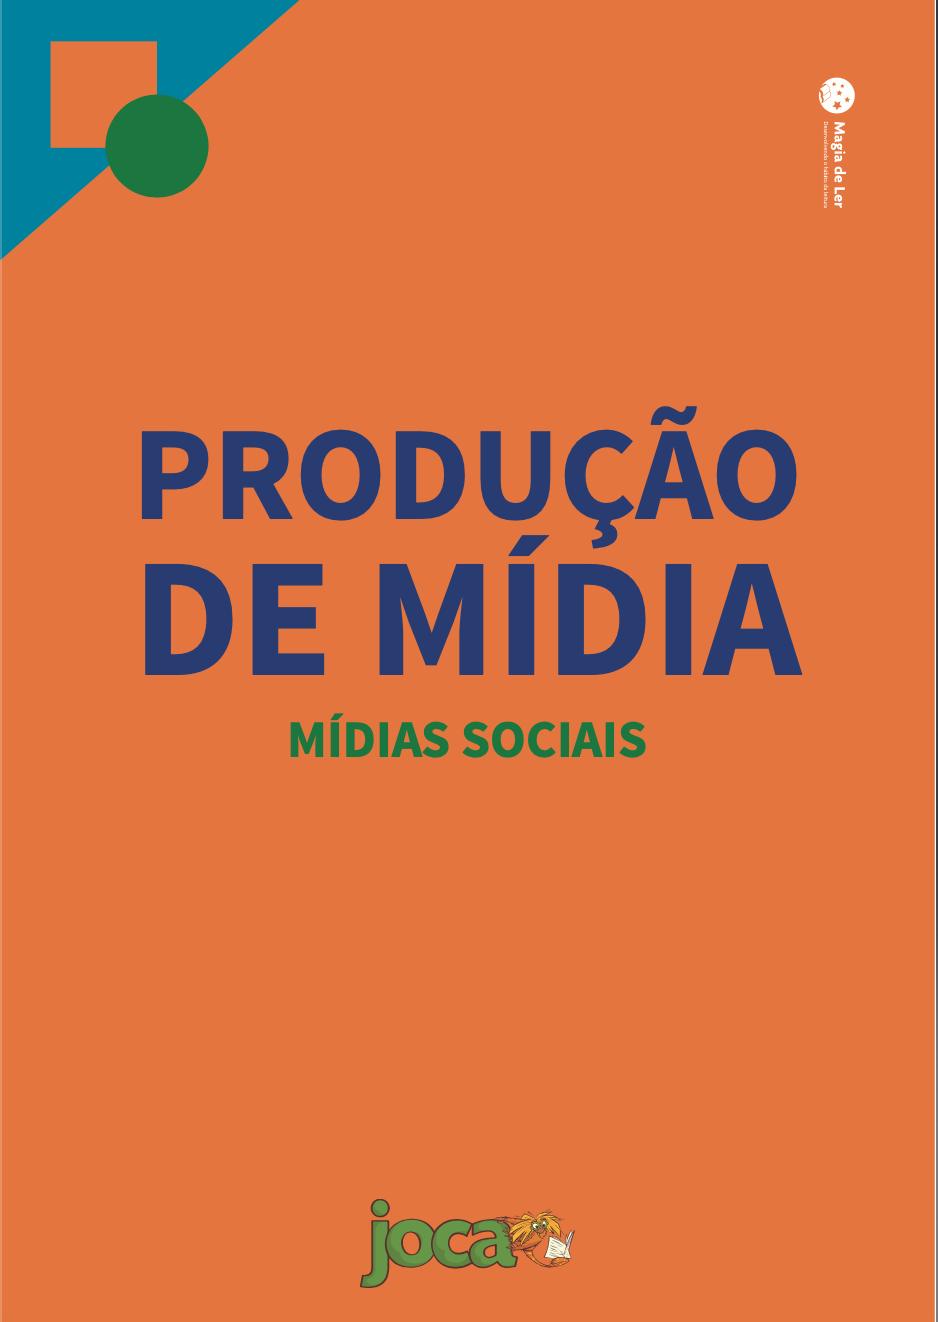 eixo produção de mídia: mídias sociais